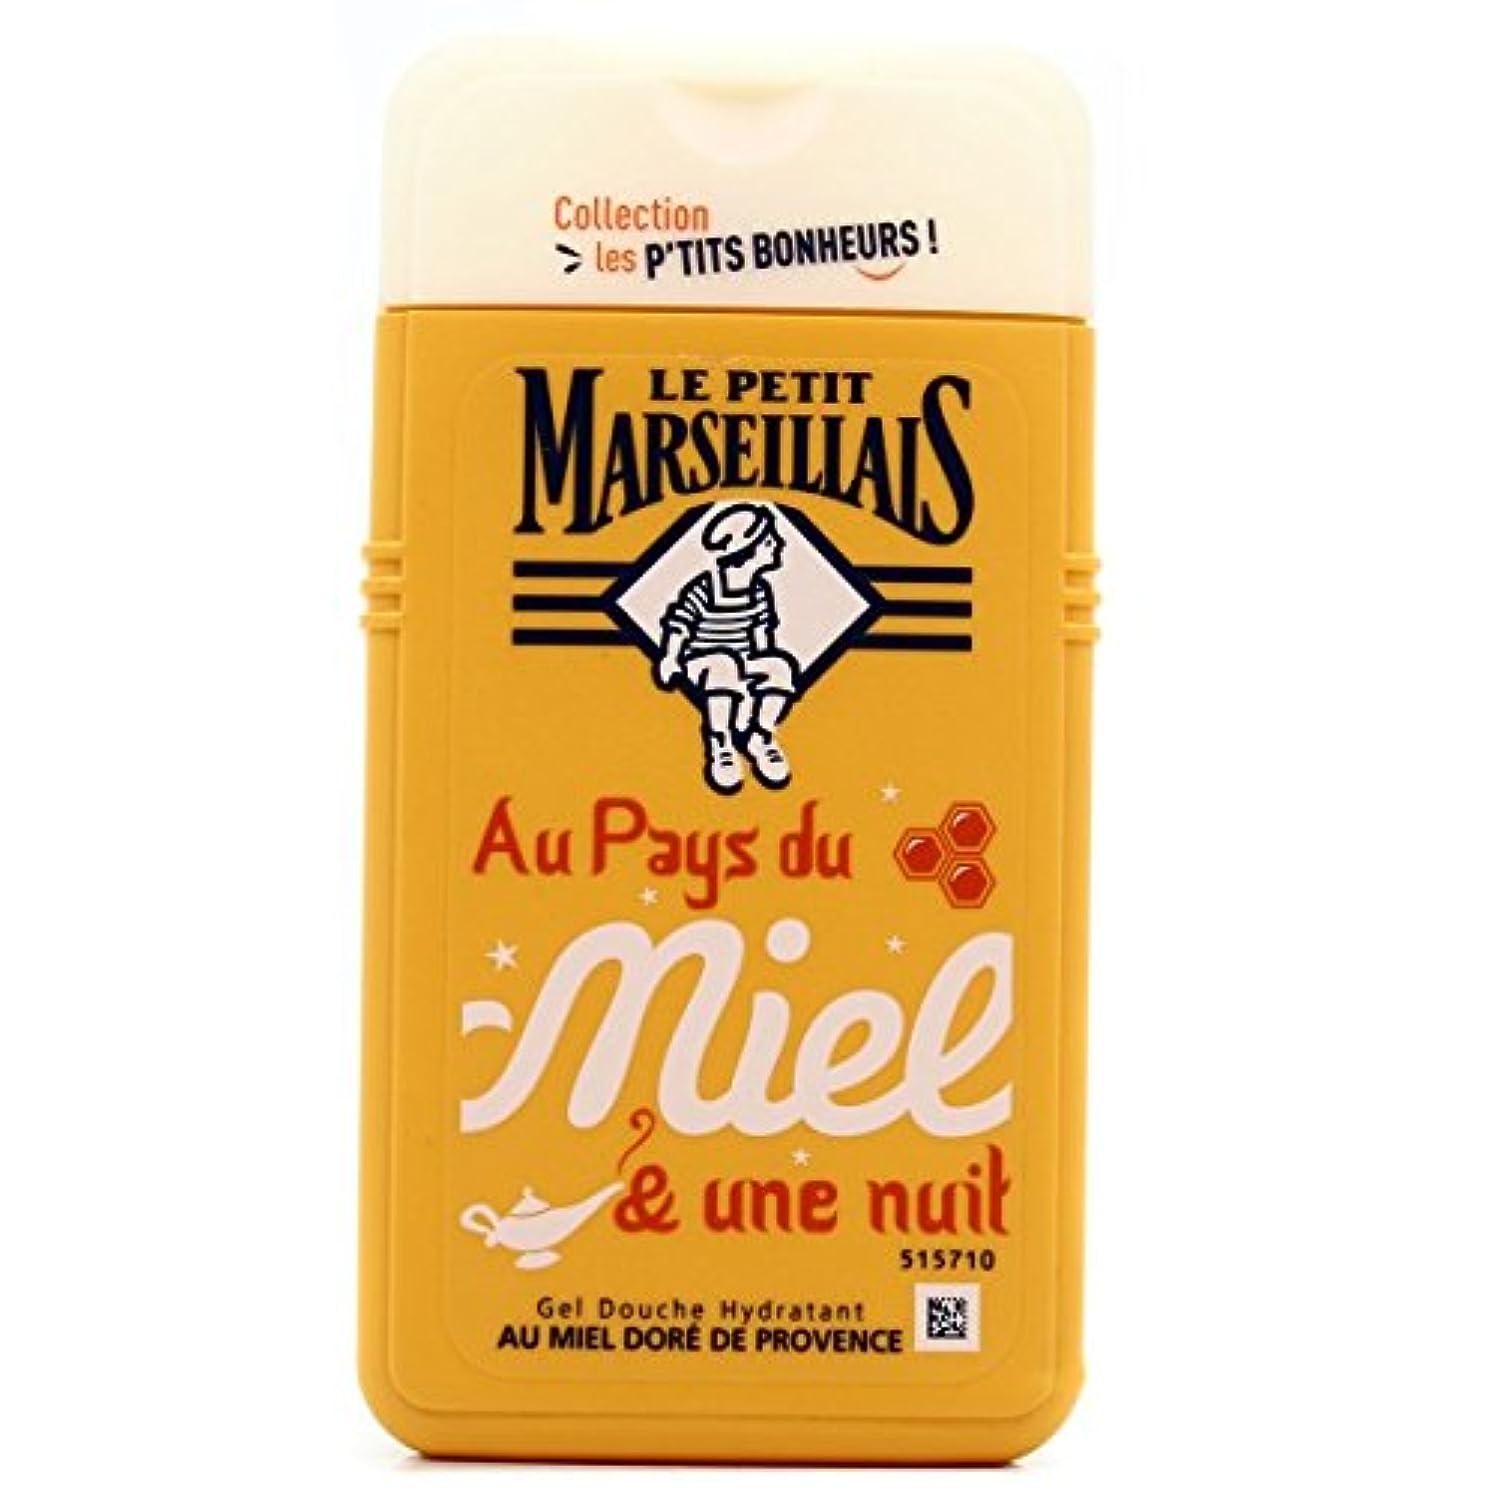 コーナースコットランド人批判するル?プティ?マルセイユ (Le Petit Marseillais)les P'TITS BONHEURS はちみつ シャワージェル ボディウォッシュ 250ml